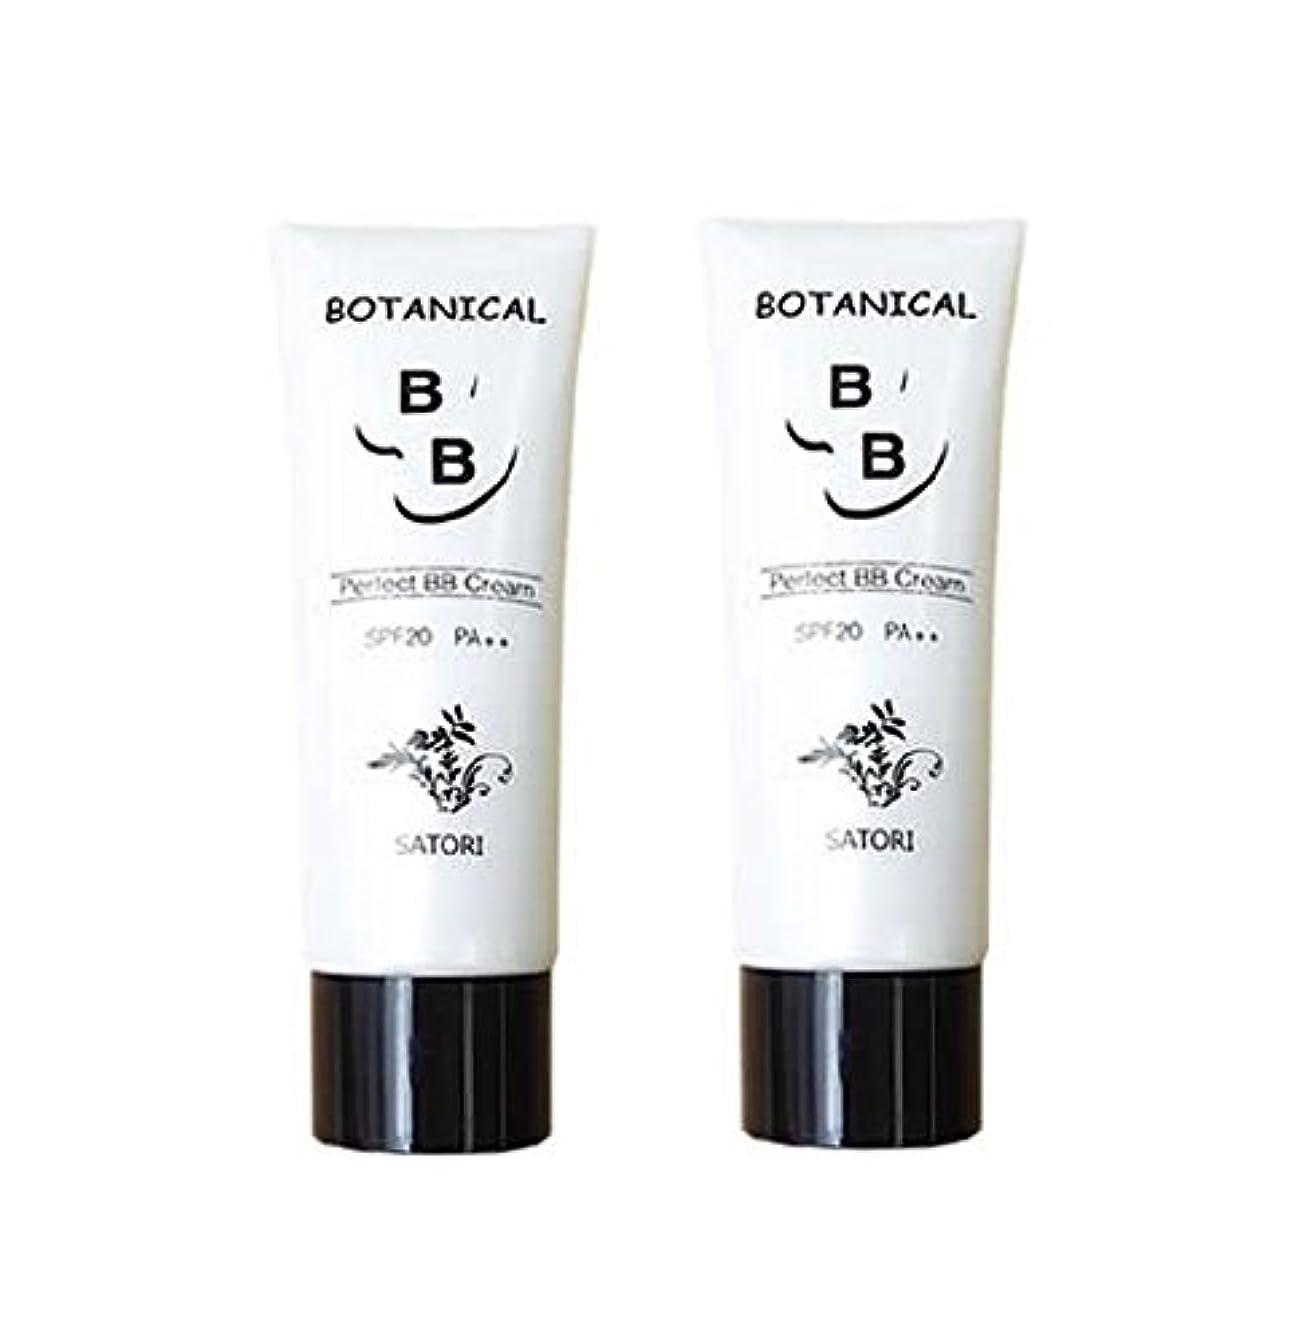 有益な関係する換気するSATORI ボタニカル BBクリーム SPF20 PA++ 50g×2本セット